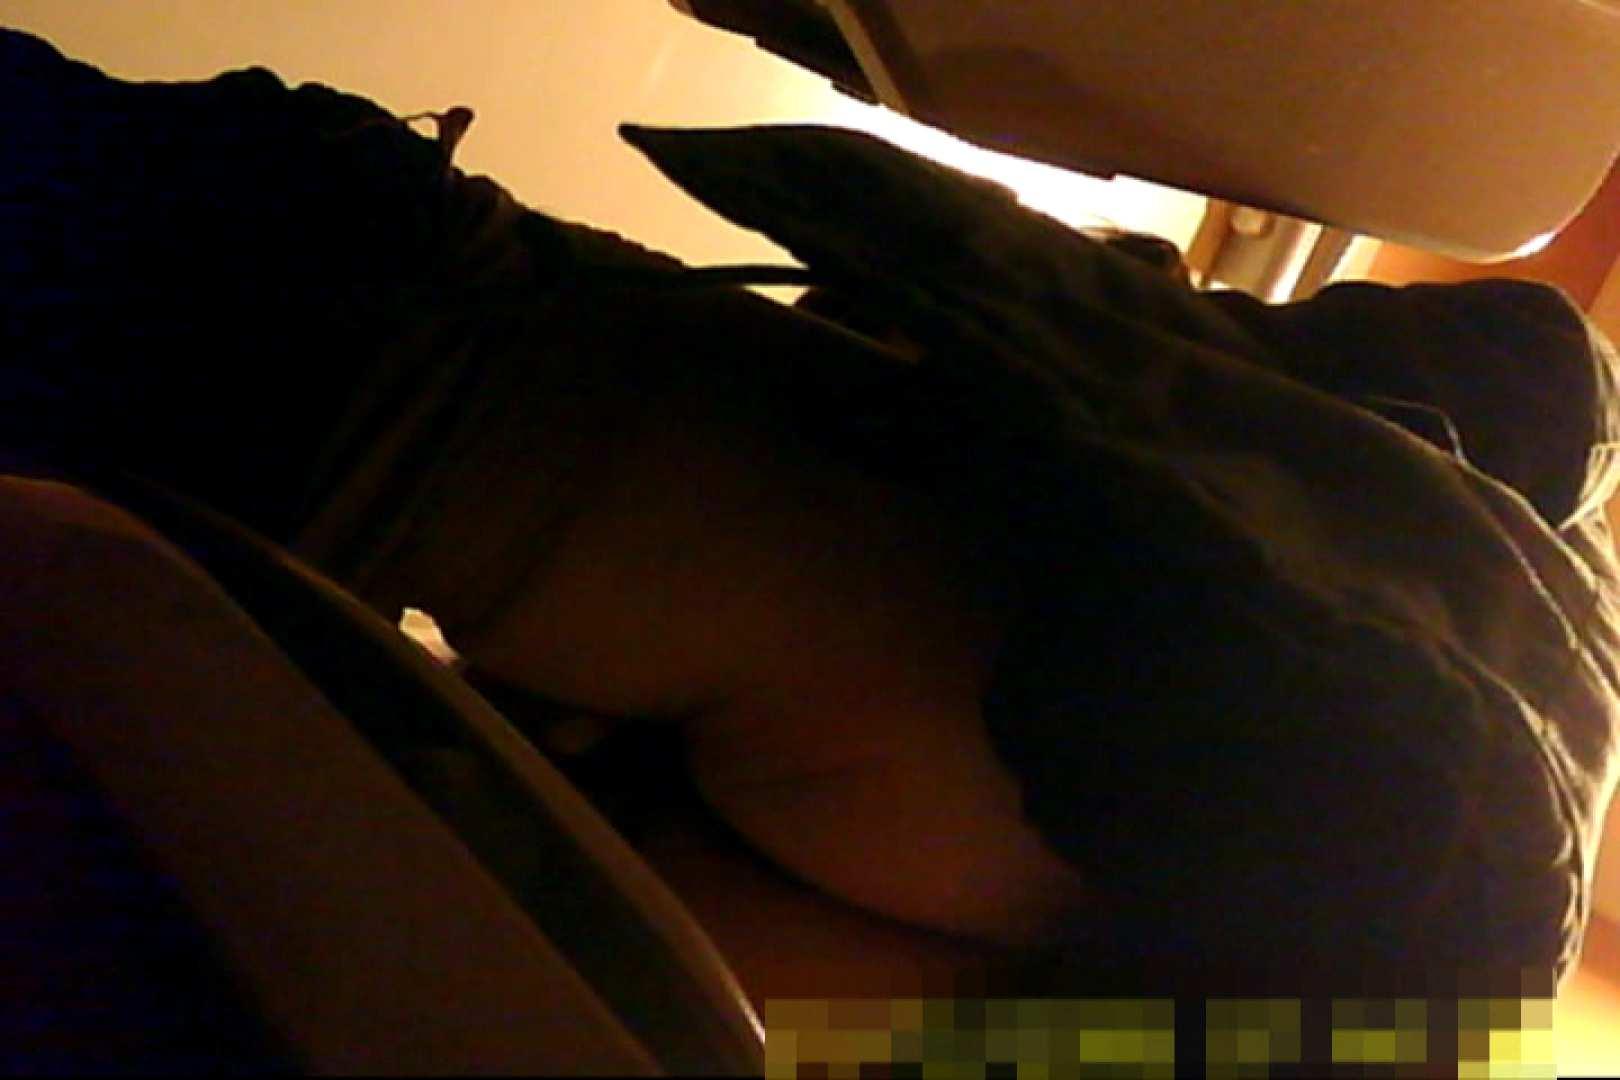 魅惑の化粧室~禁断のプライベート空間~vol.8 熟女丸裸 アダルト動画キャプチャ 91pic 4